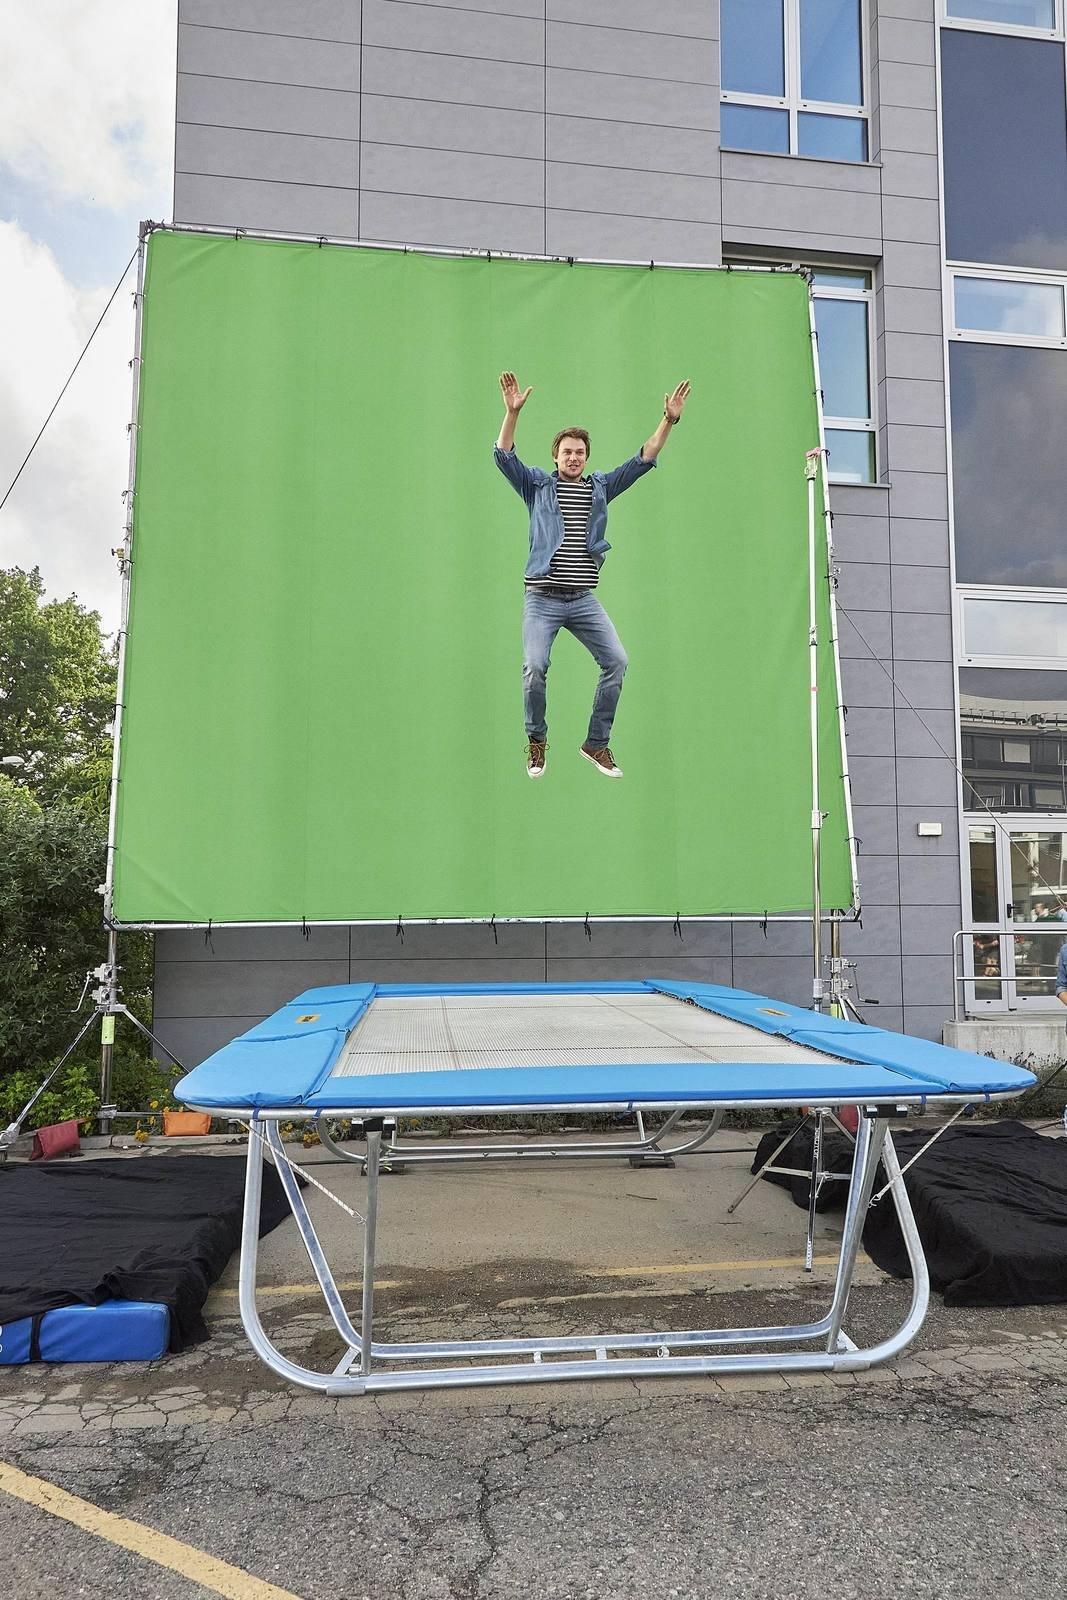 Během natáčení prvního dílu na trampolíně se využila i zelená stěna, na kterou se později naklíčuje pozadí...